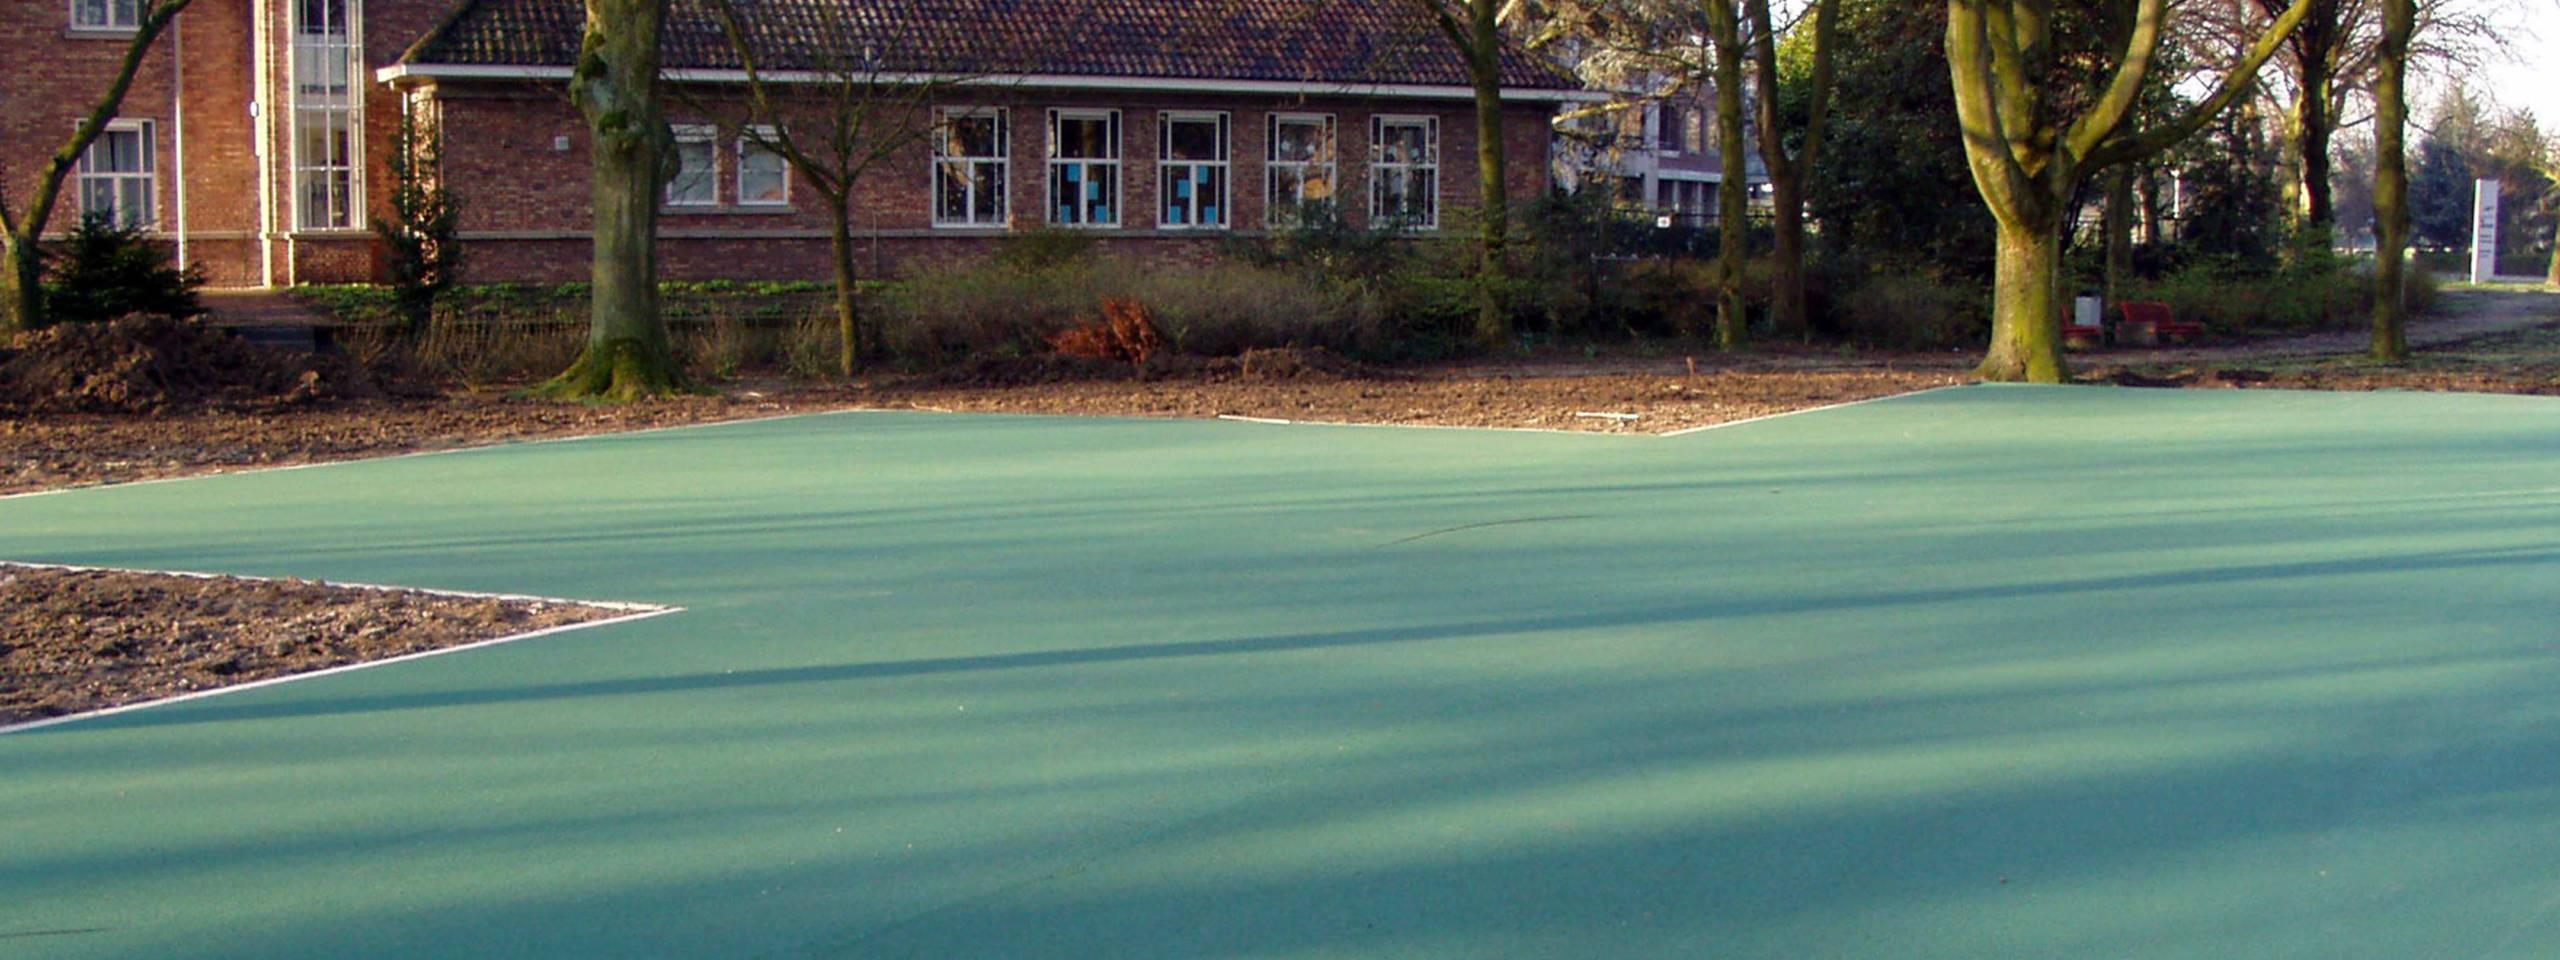 Groen asfalt in park